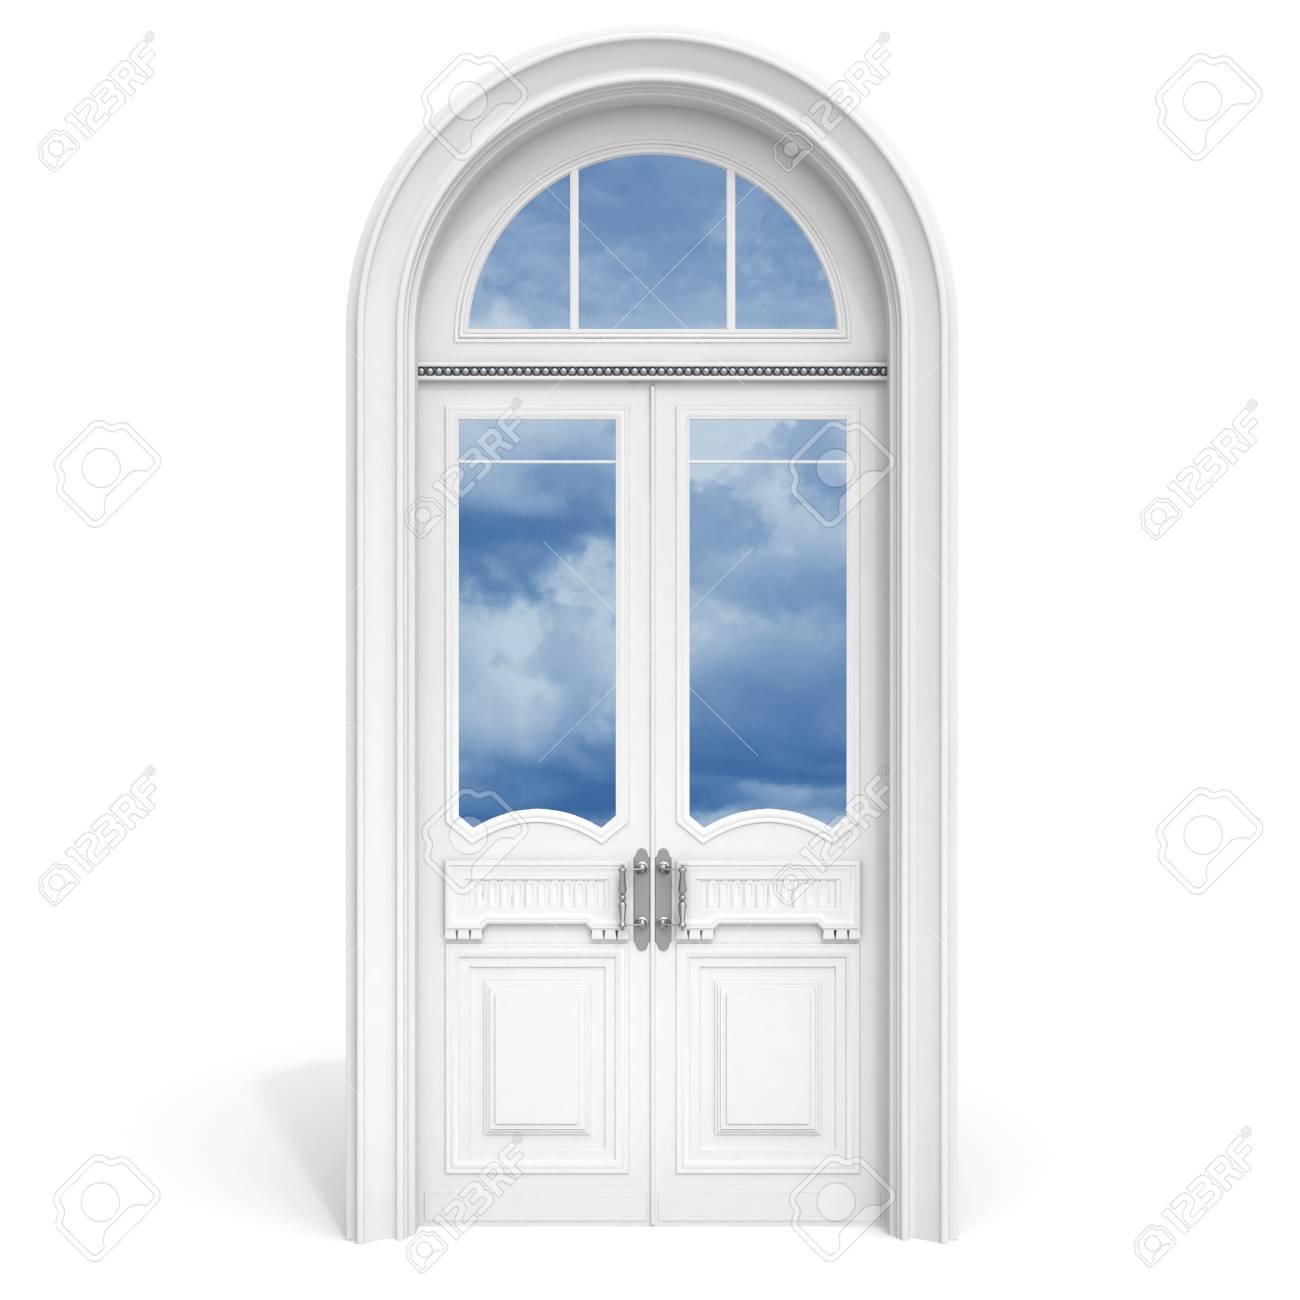 Estilo Clasico Arquitectura Interior Objetos De Madera Blanca Con Puerta De Vidrio Secciones Reflejadas Aislado En Blanco